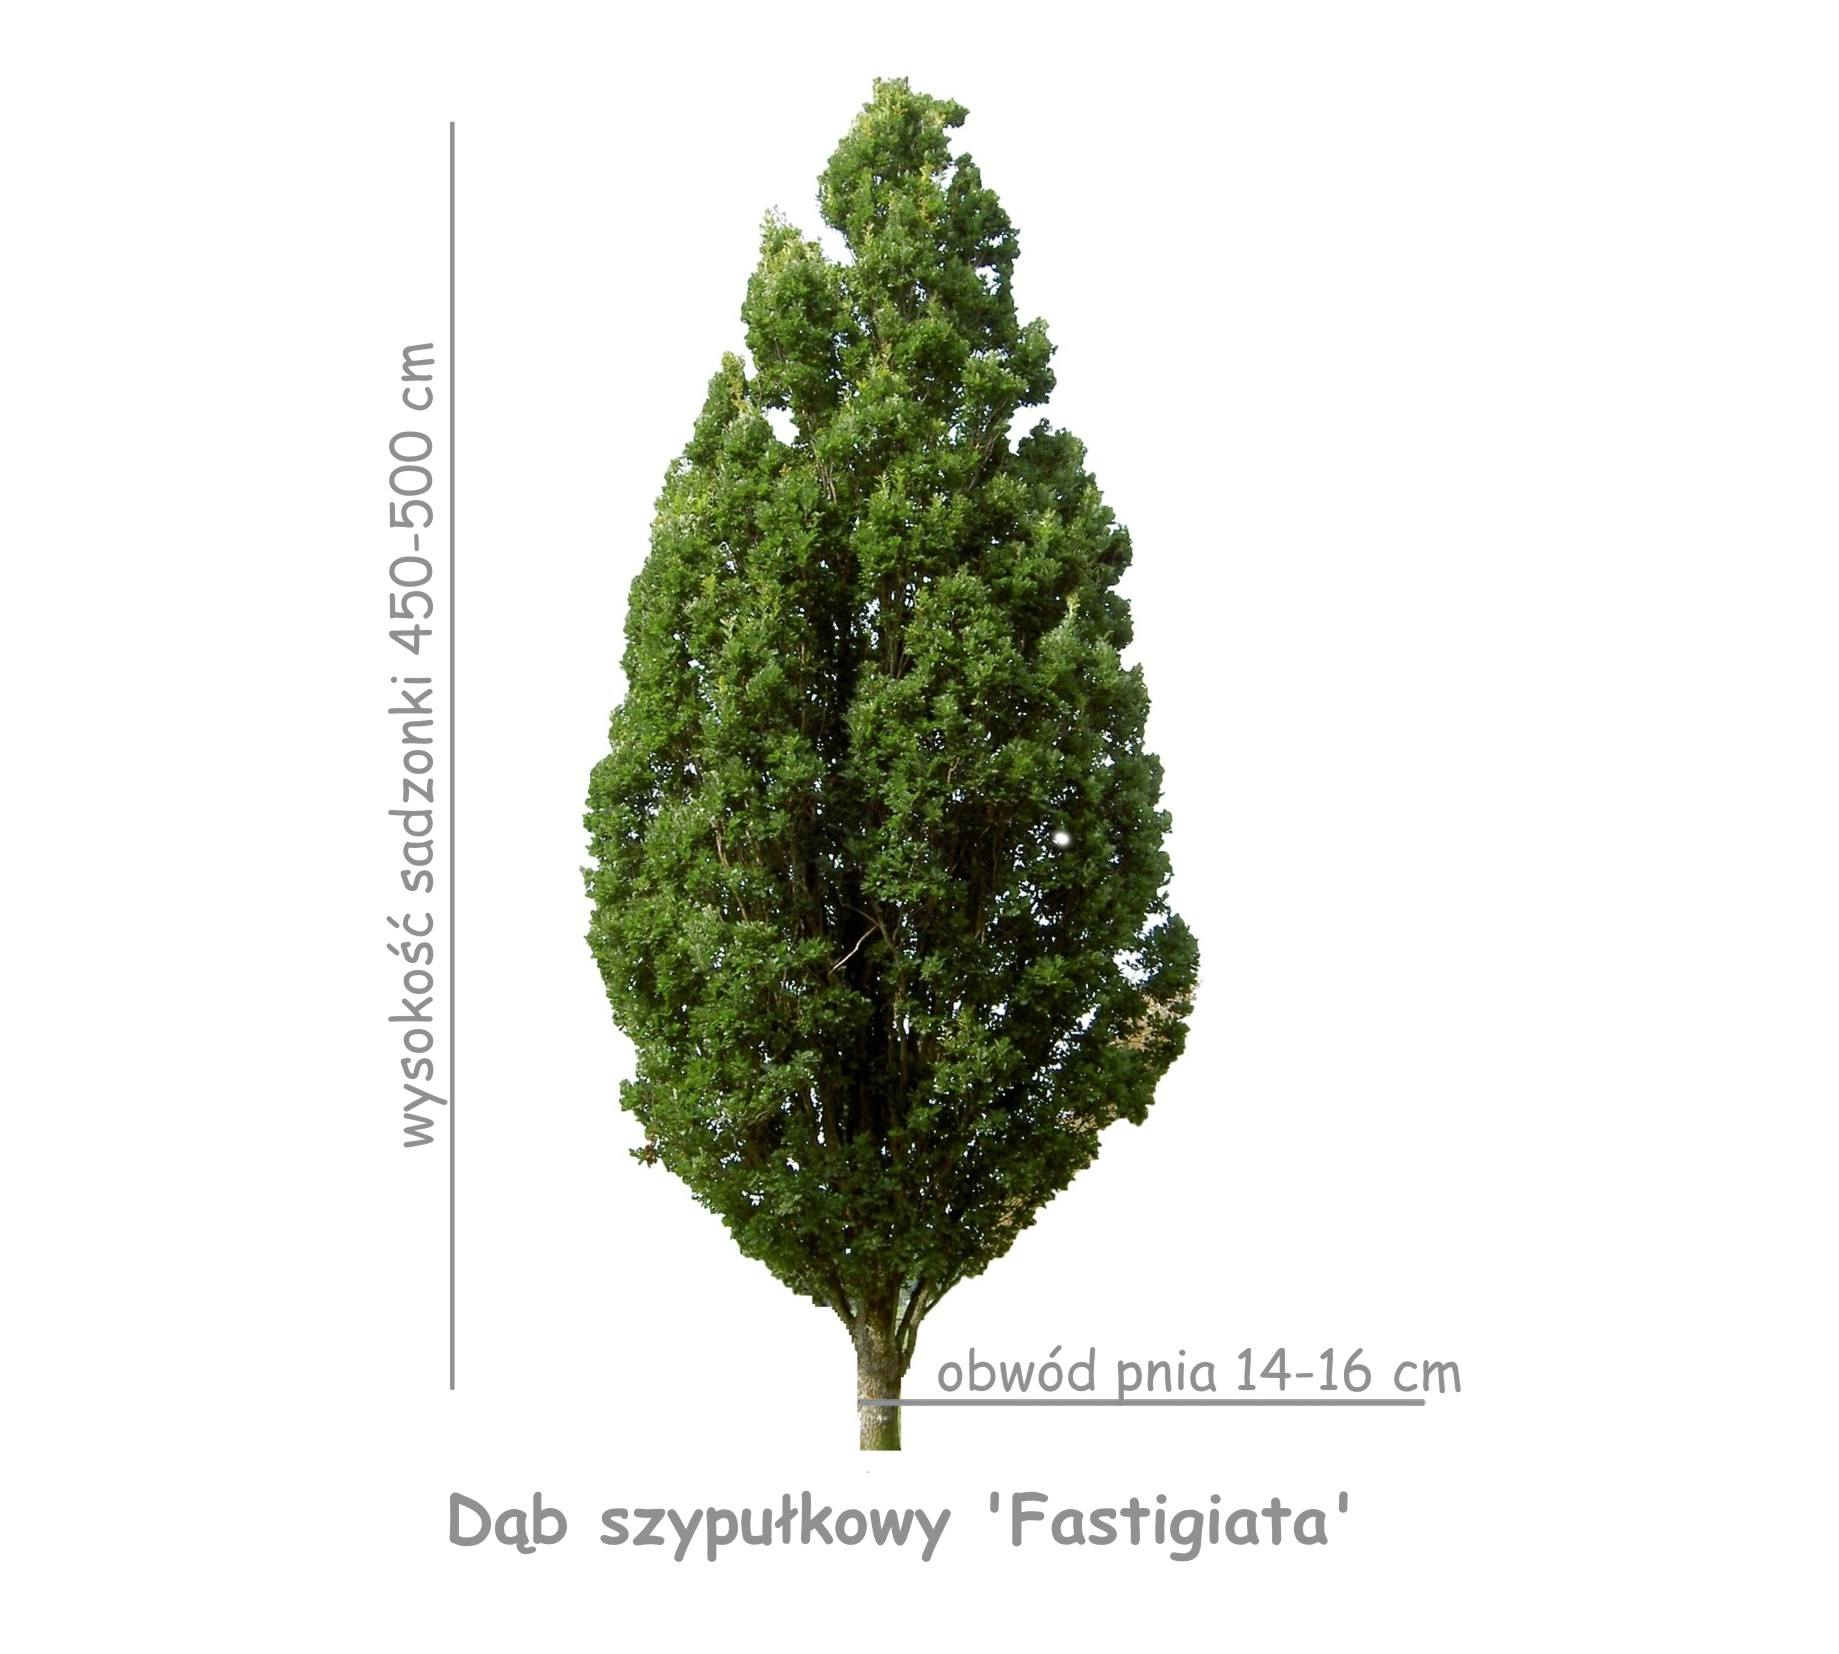 Dąb szypułkowy 'Fastigiata' sadzonka o obwodzie pnia 14-16 cm